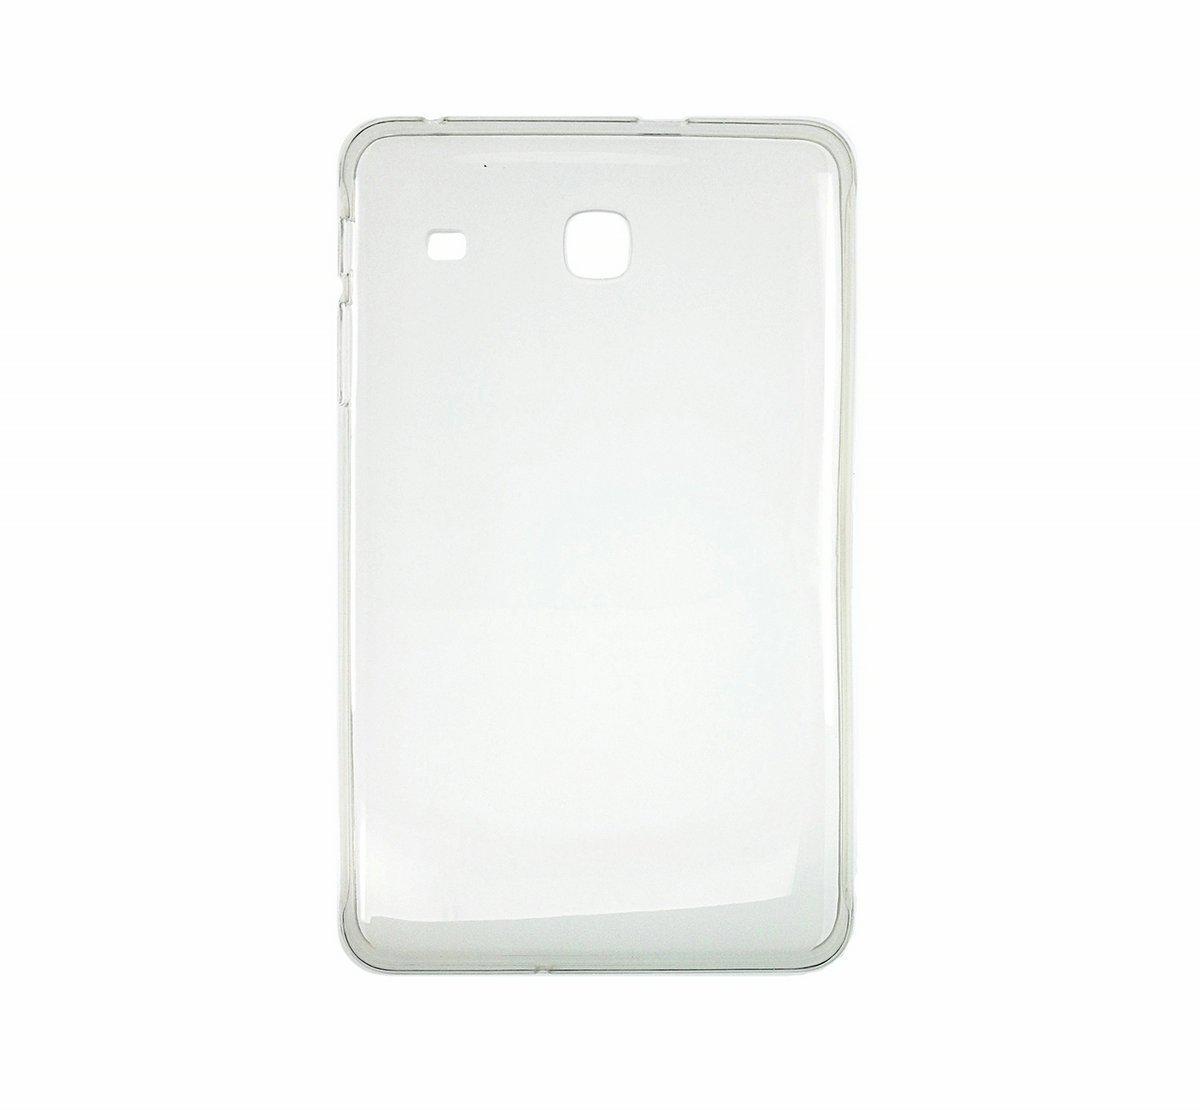 Funda Samsung Galaxy Tab E 8.0 ICOVERCASE [77VHRDD1]